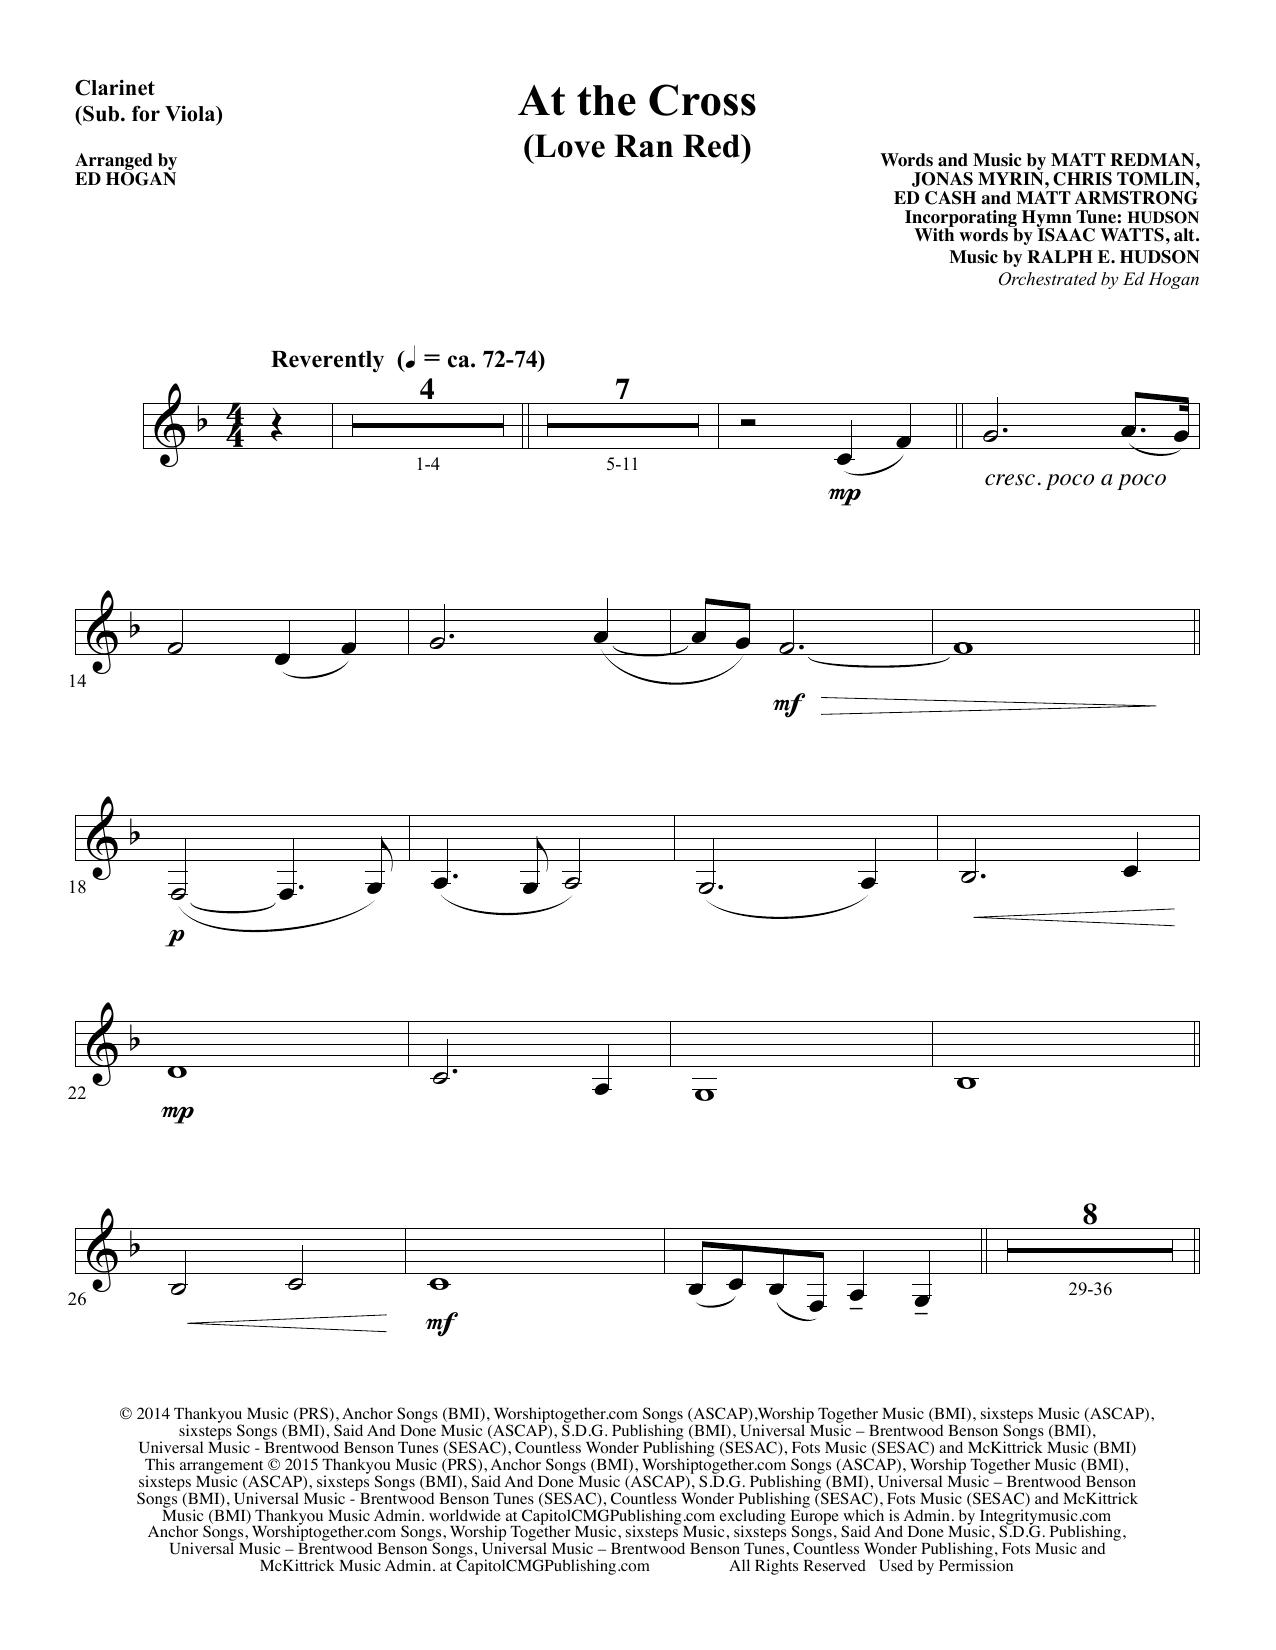 At the Cross - Clarinet (sub Viola) sheet music